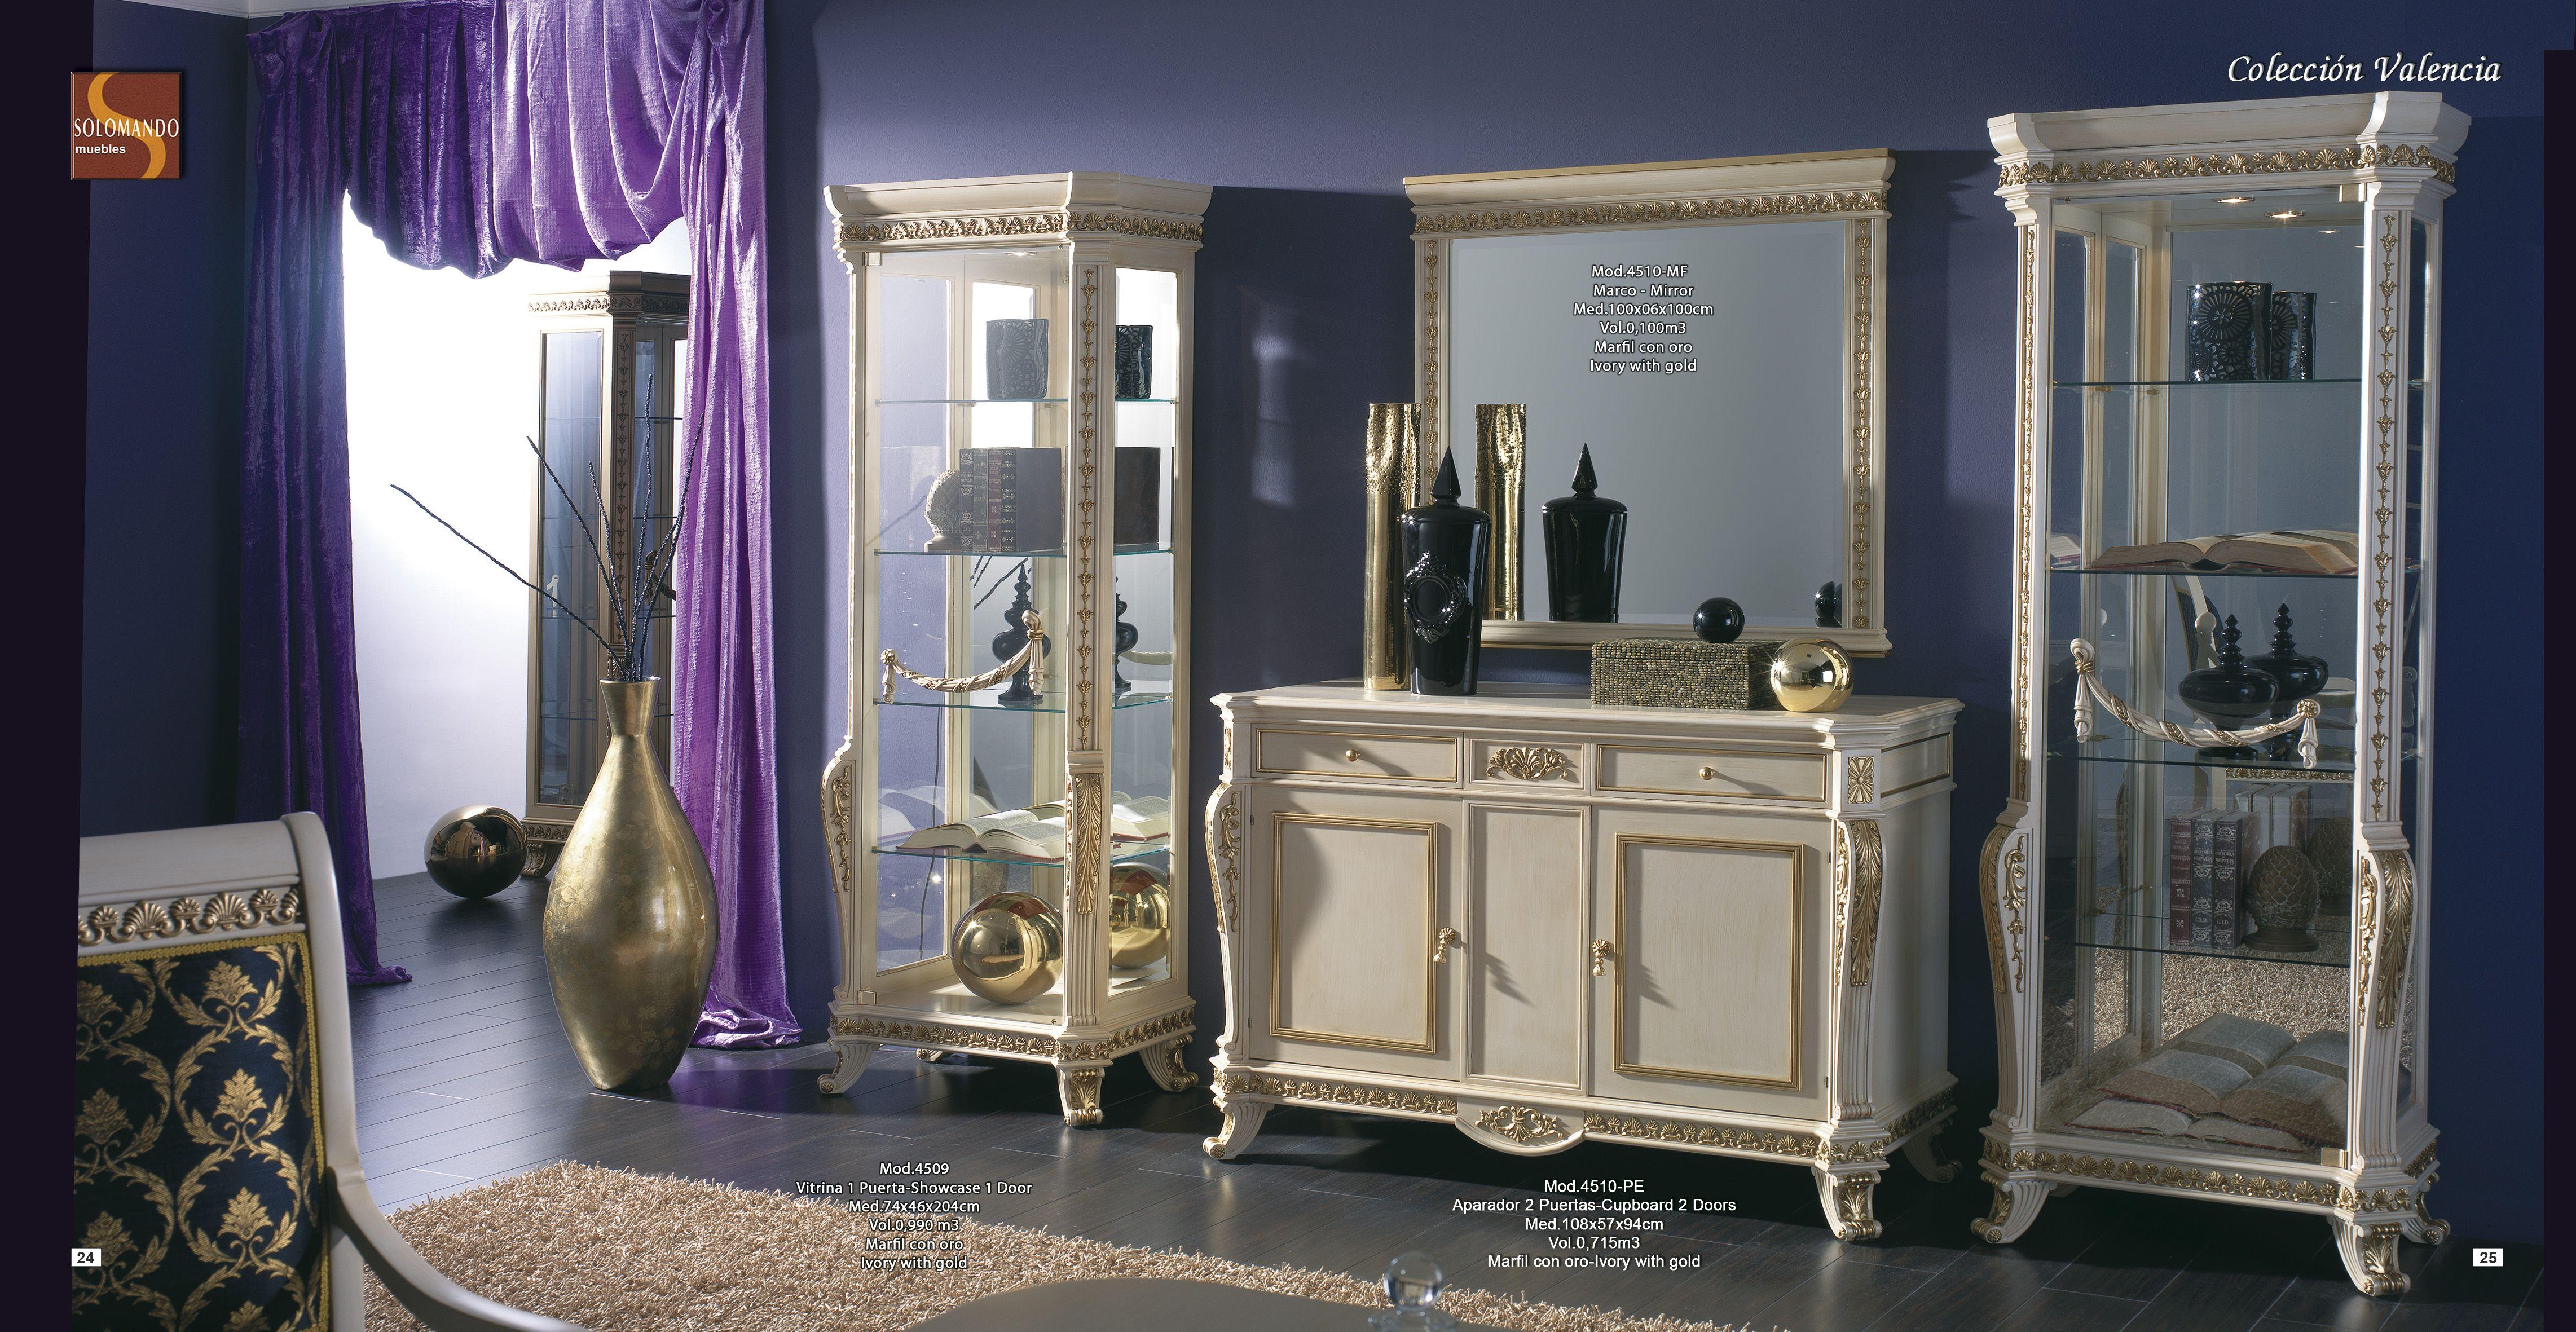 Muebles de gama alta estilo colonial provenzal y barroco dormitorios coloniales decoraci n y - Lamparas estilo colonial ...